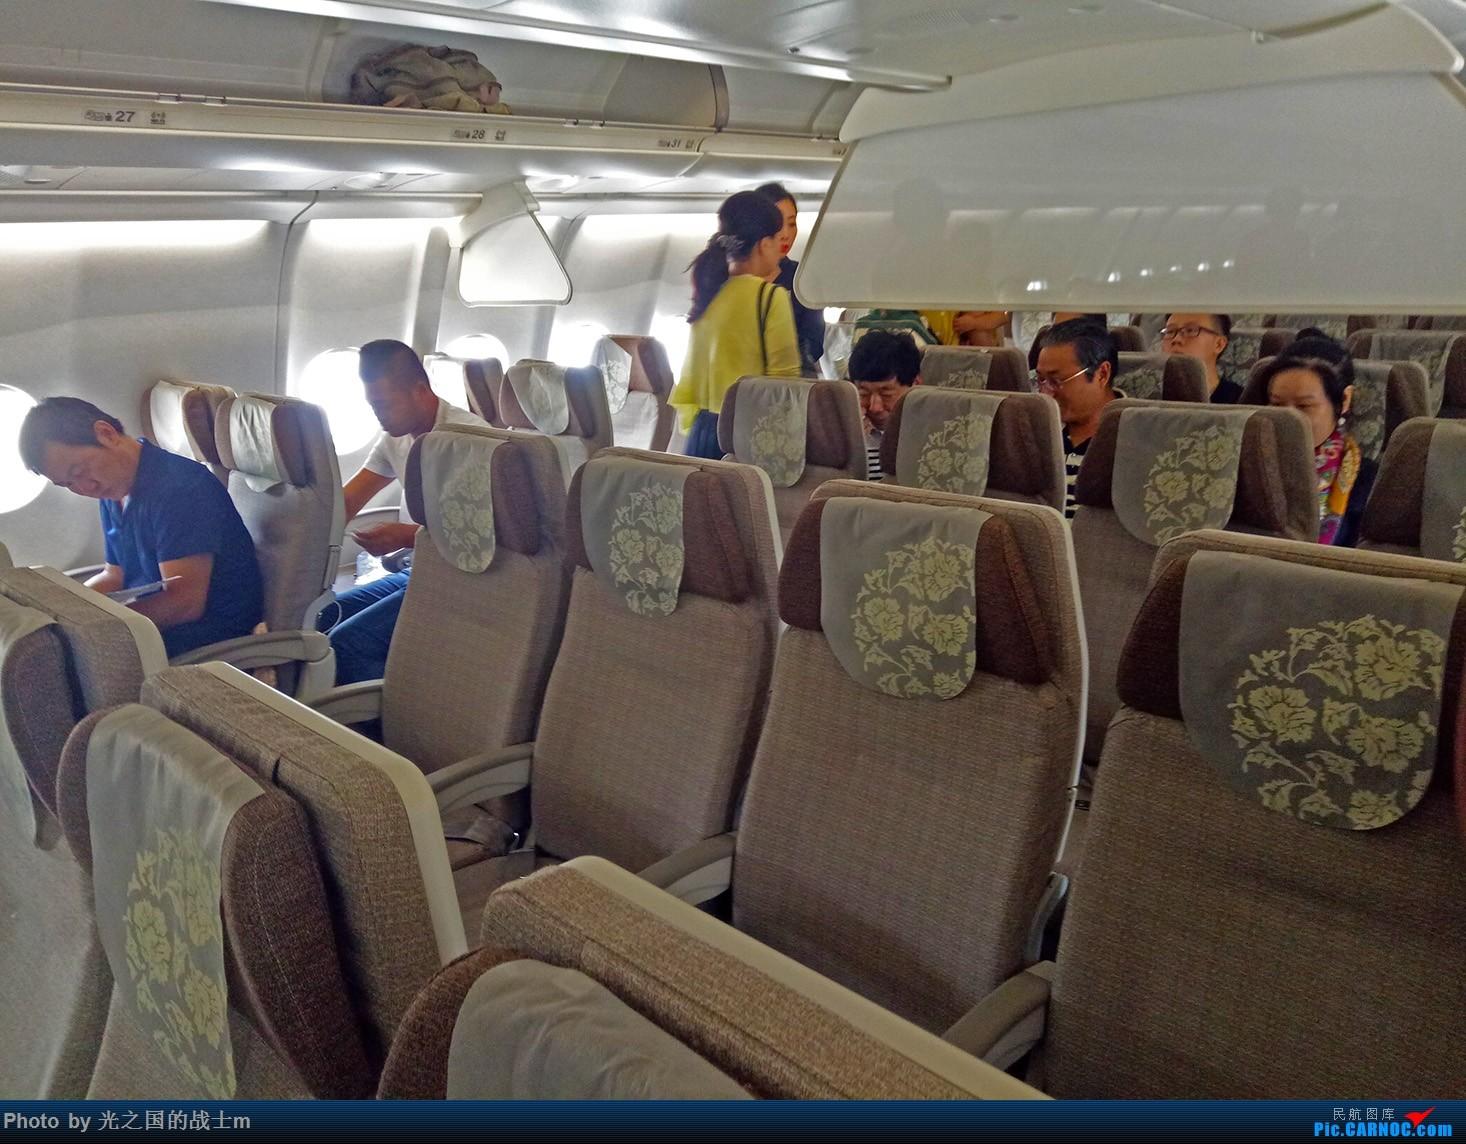 Re:[原创][光之国M游记]KMG-PVG 临时换机大惊喜,体验东航全新33L 高铁商务座初体验!